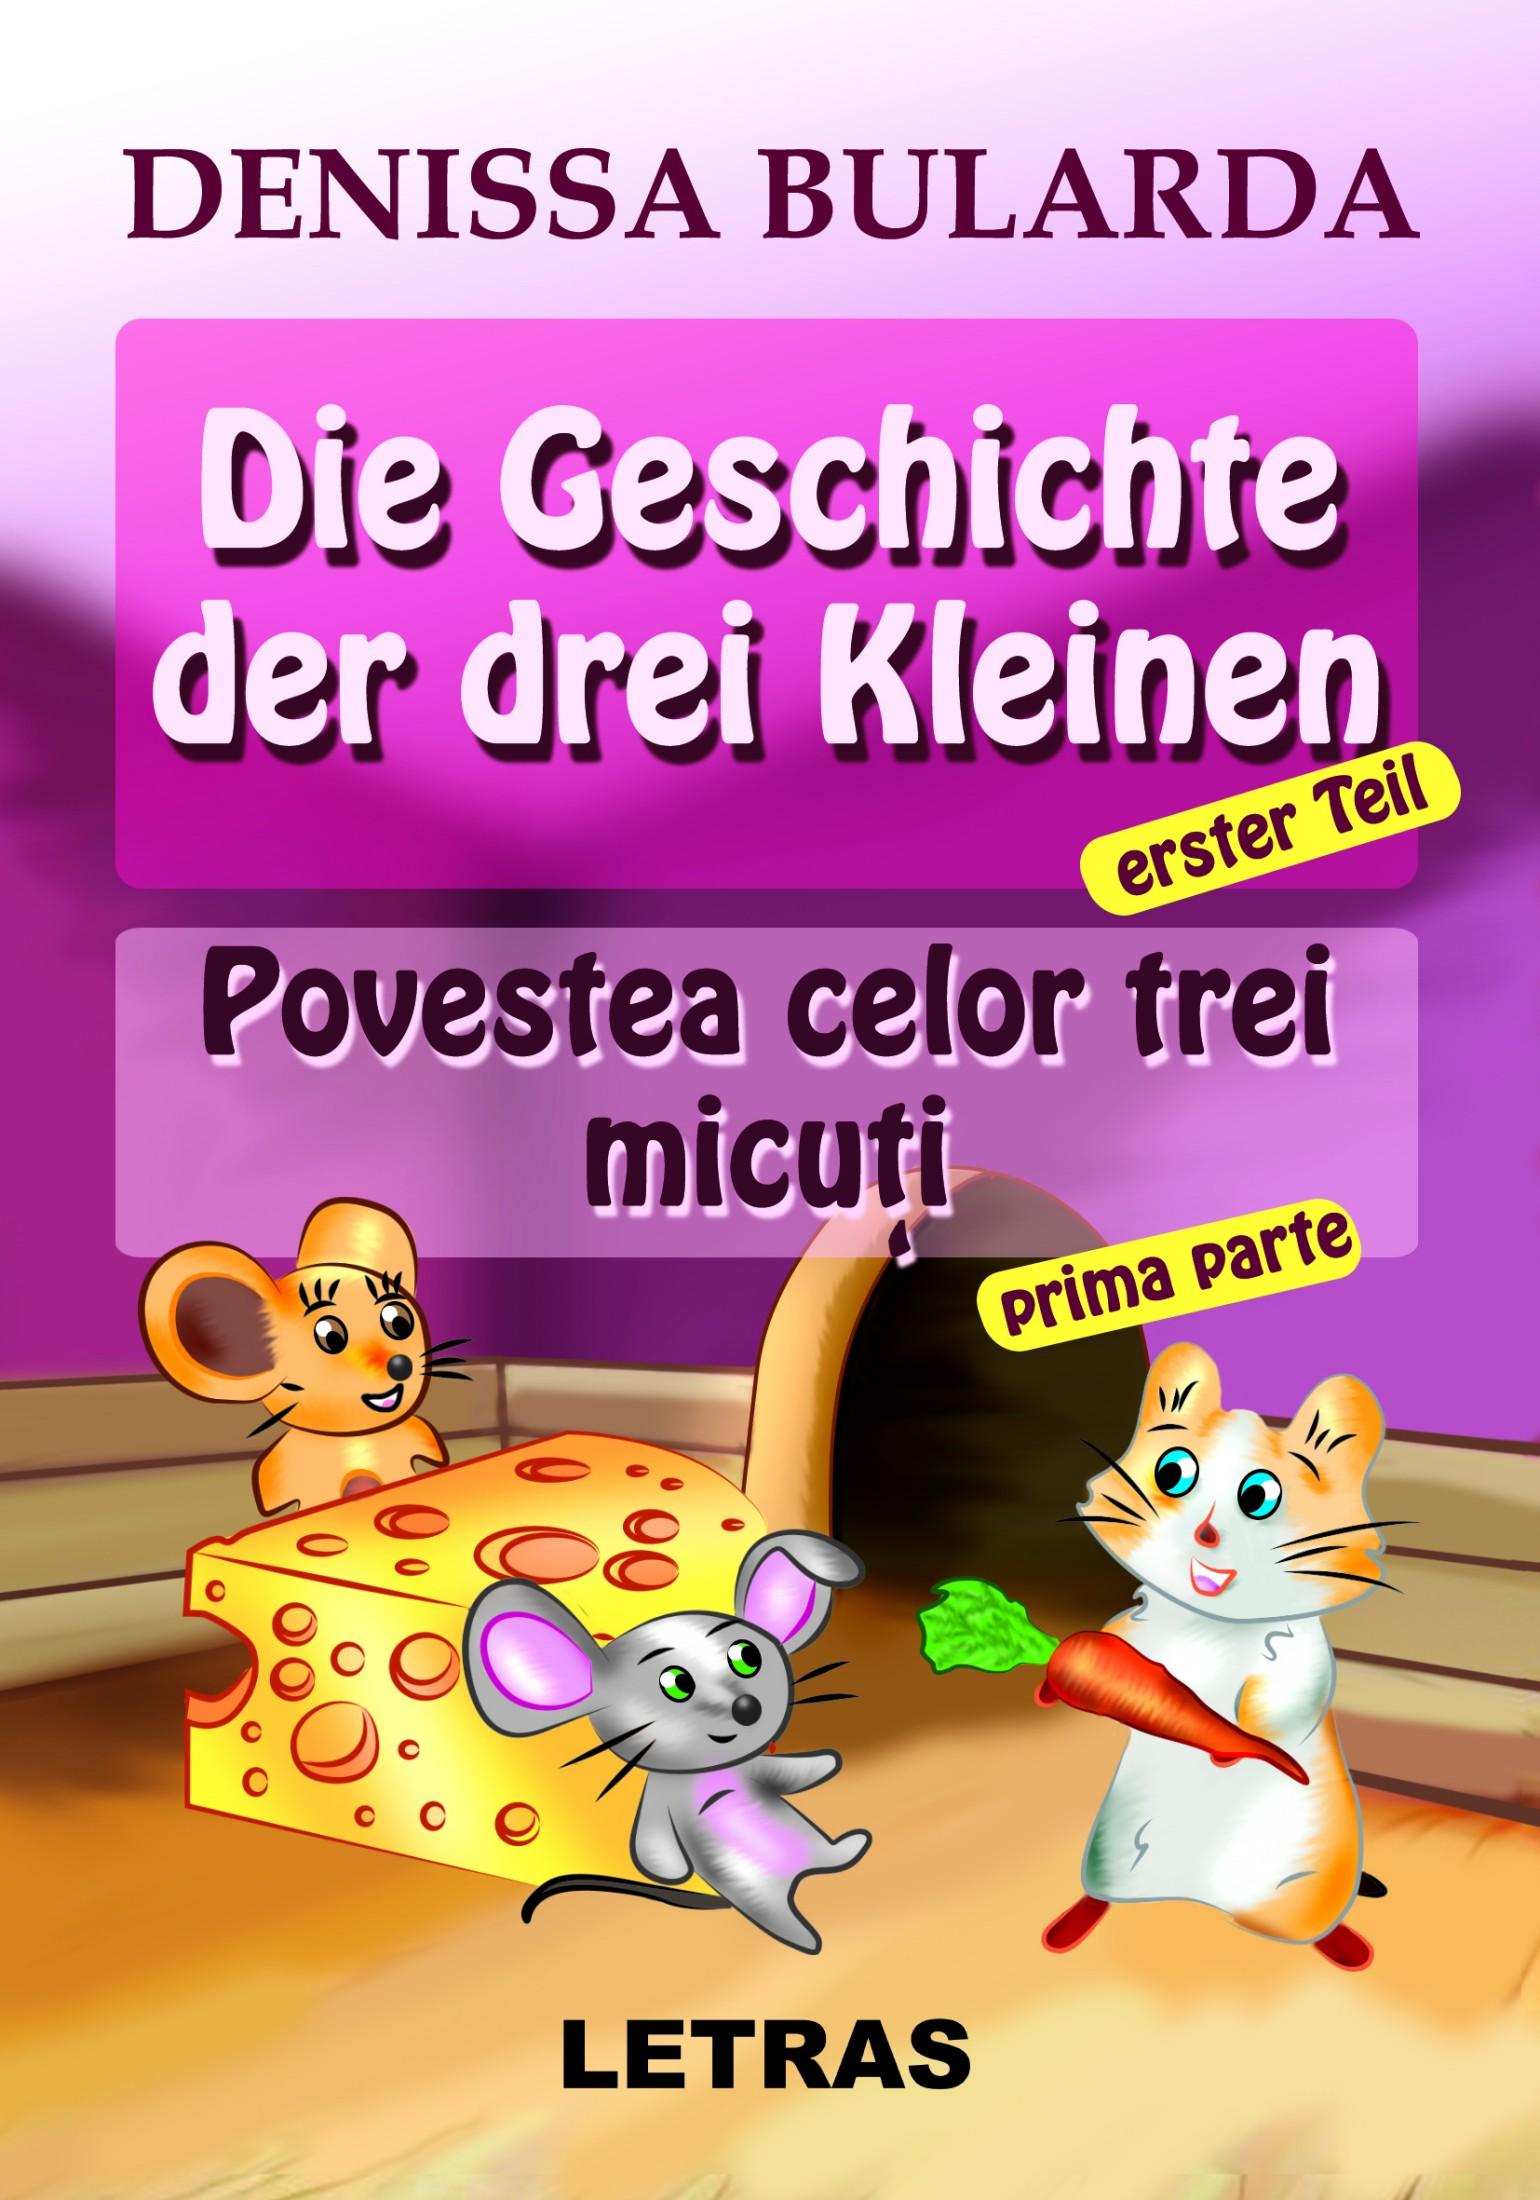 Geschichte der drei Kleinen, erster Teil_ Povestea celor trei micuti, prima parte, Die - Denissa Bularda